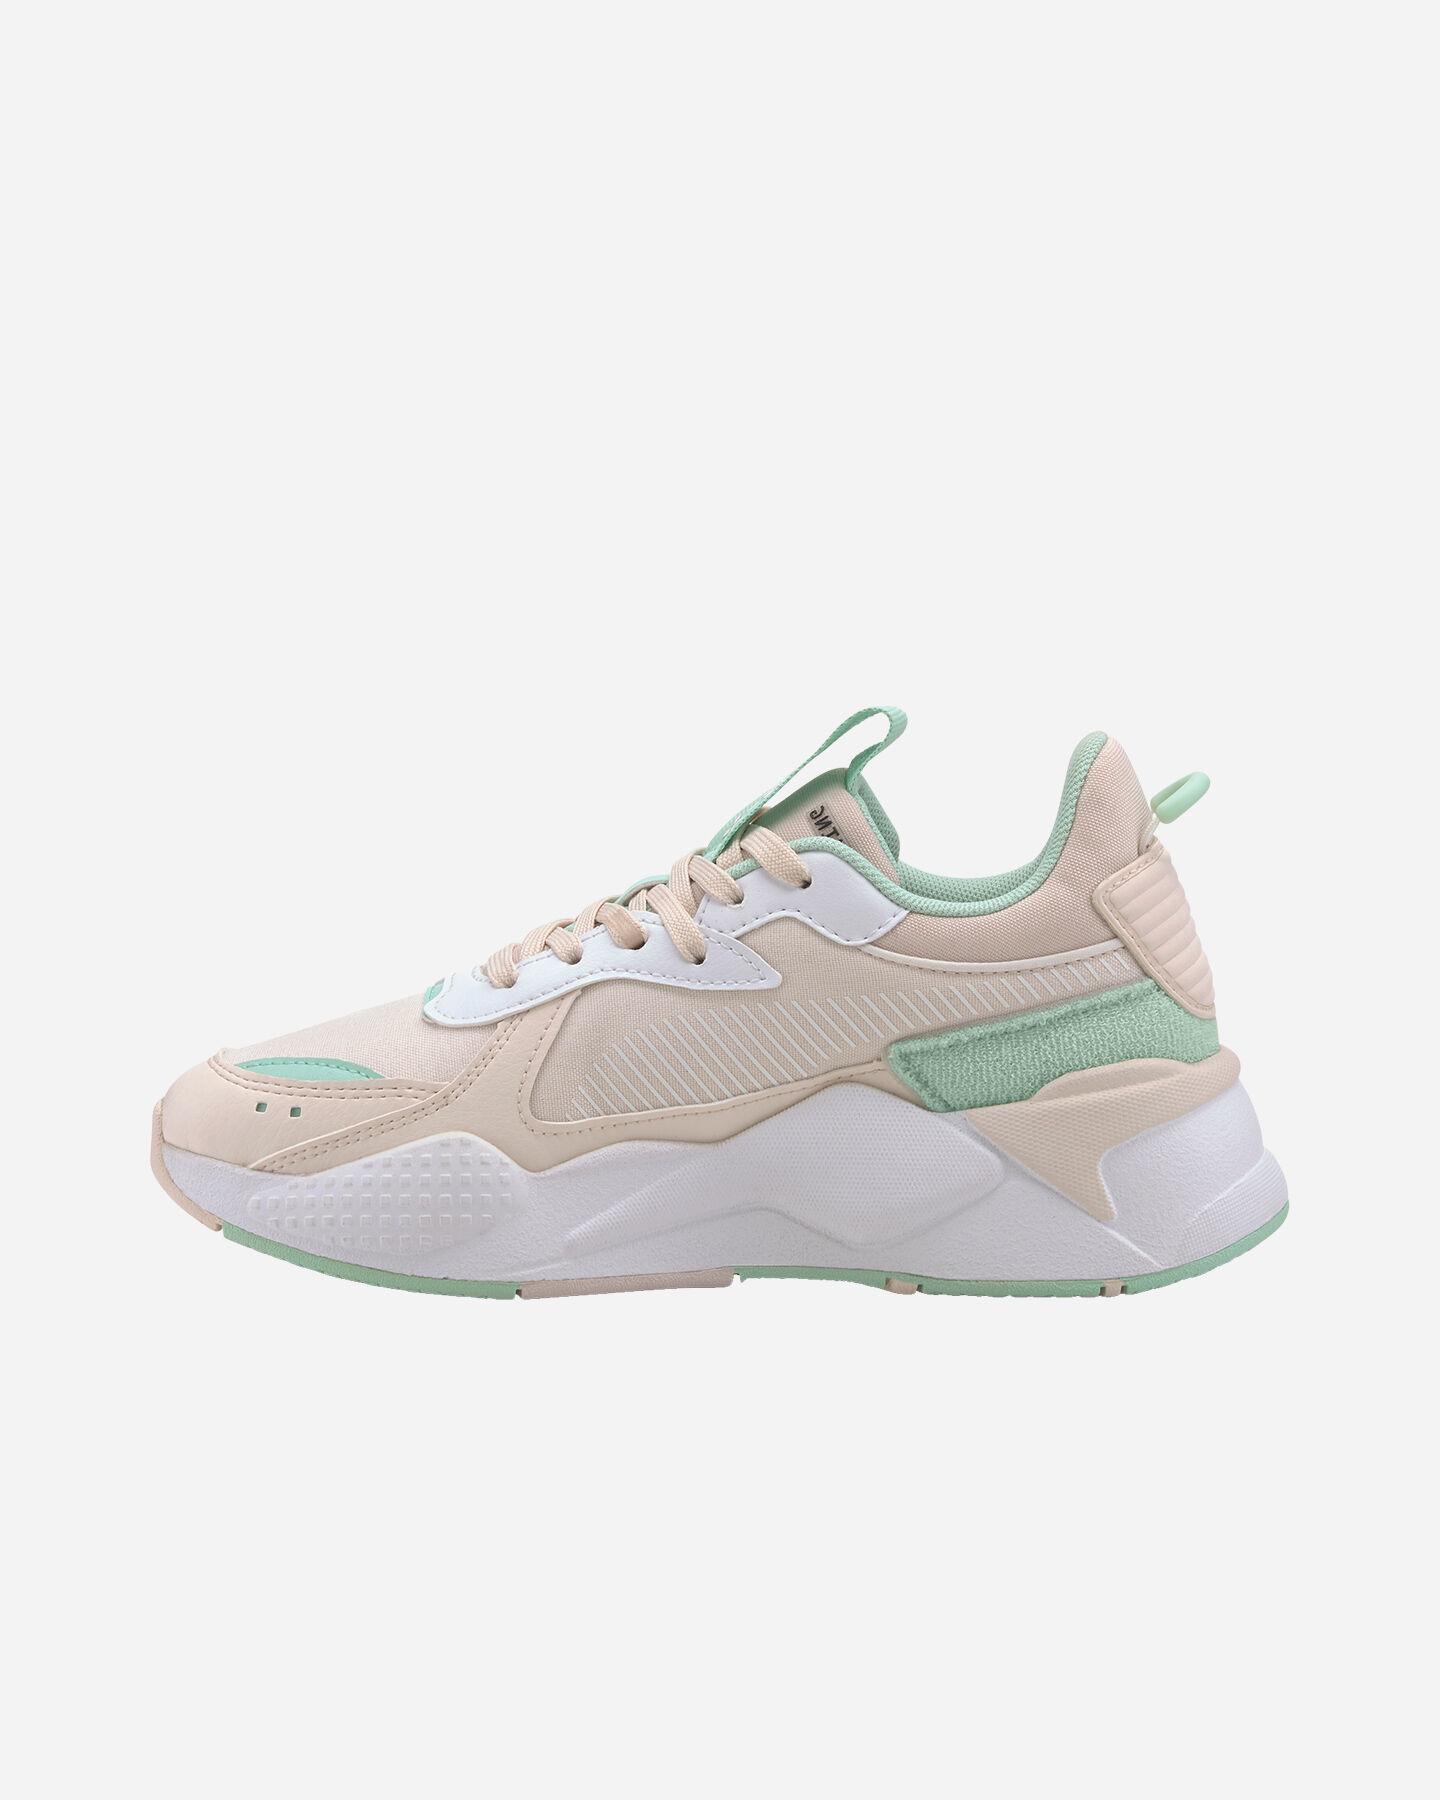 Scarpe sneakers PUMA RS-X COLLEGIATE GS JR S5173101 scatto 5